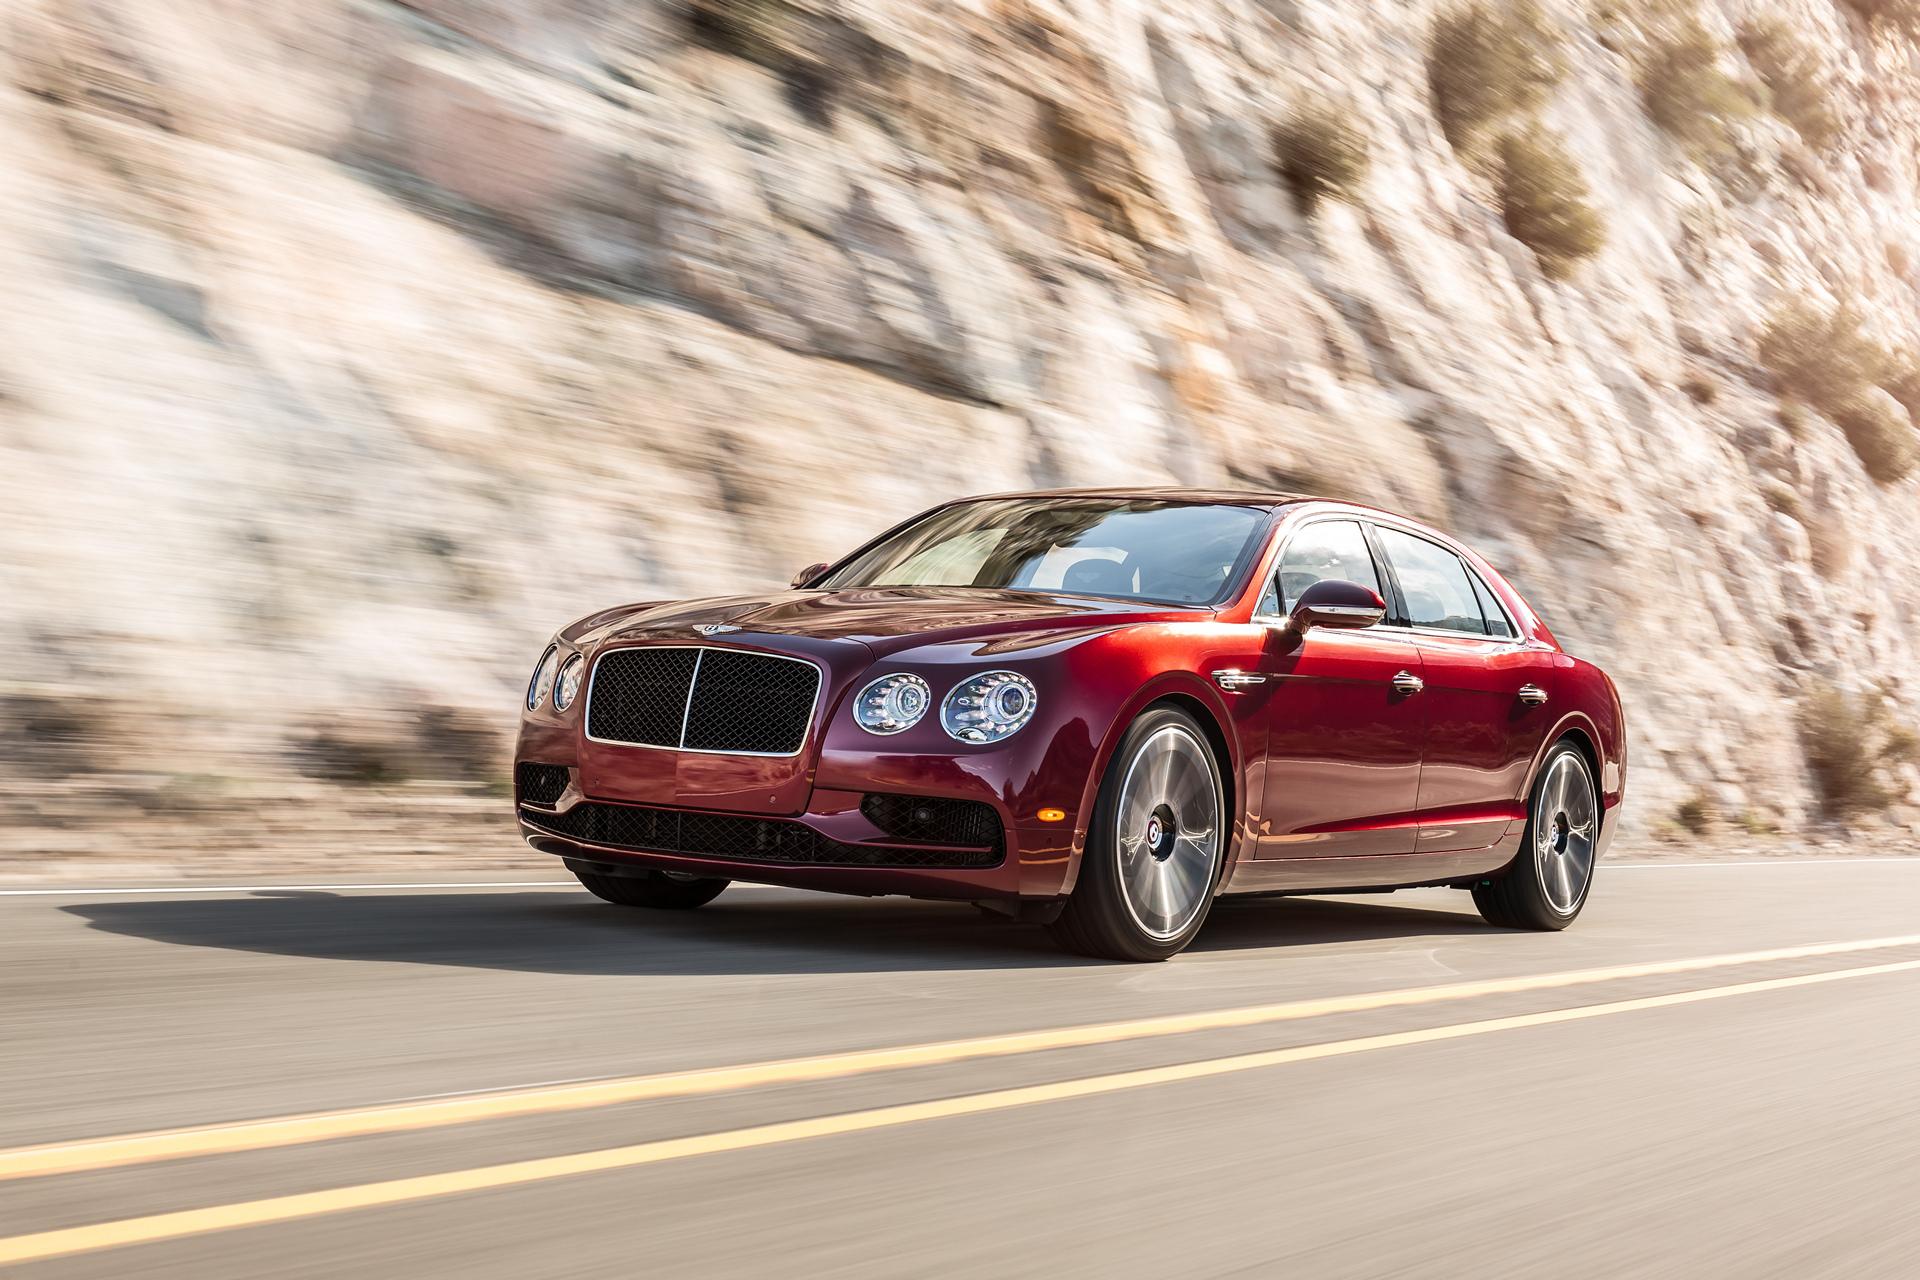 Bentley Flying Spur V8 S © Volkswagen AG